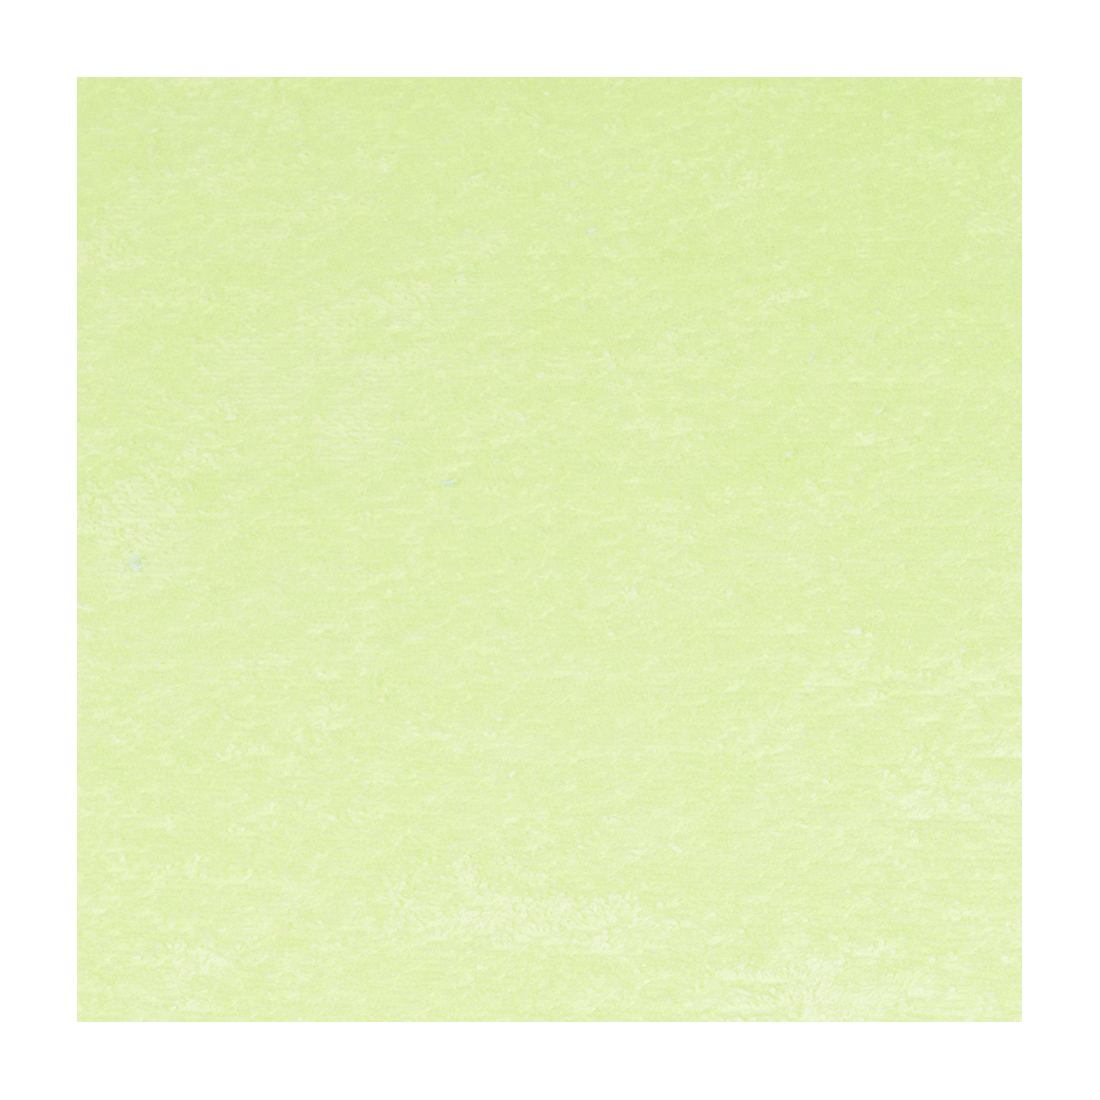 NP froté žebrový BA/EPS 100x58 Z, zelená